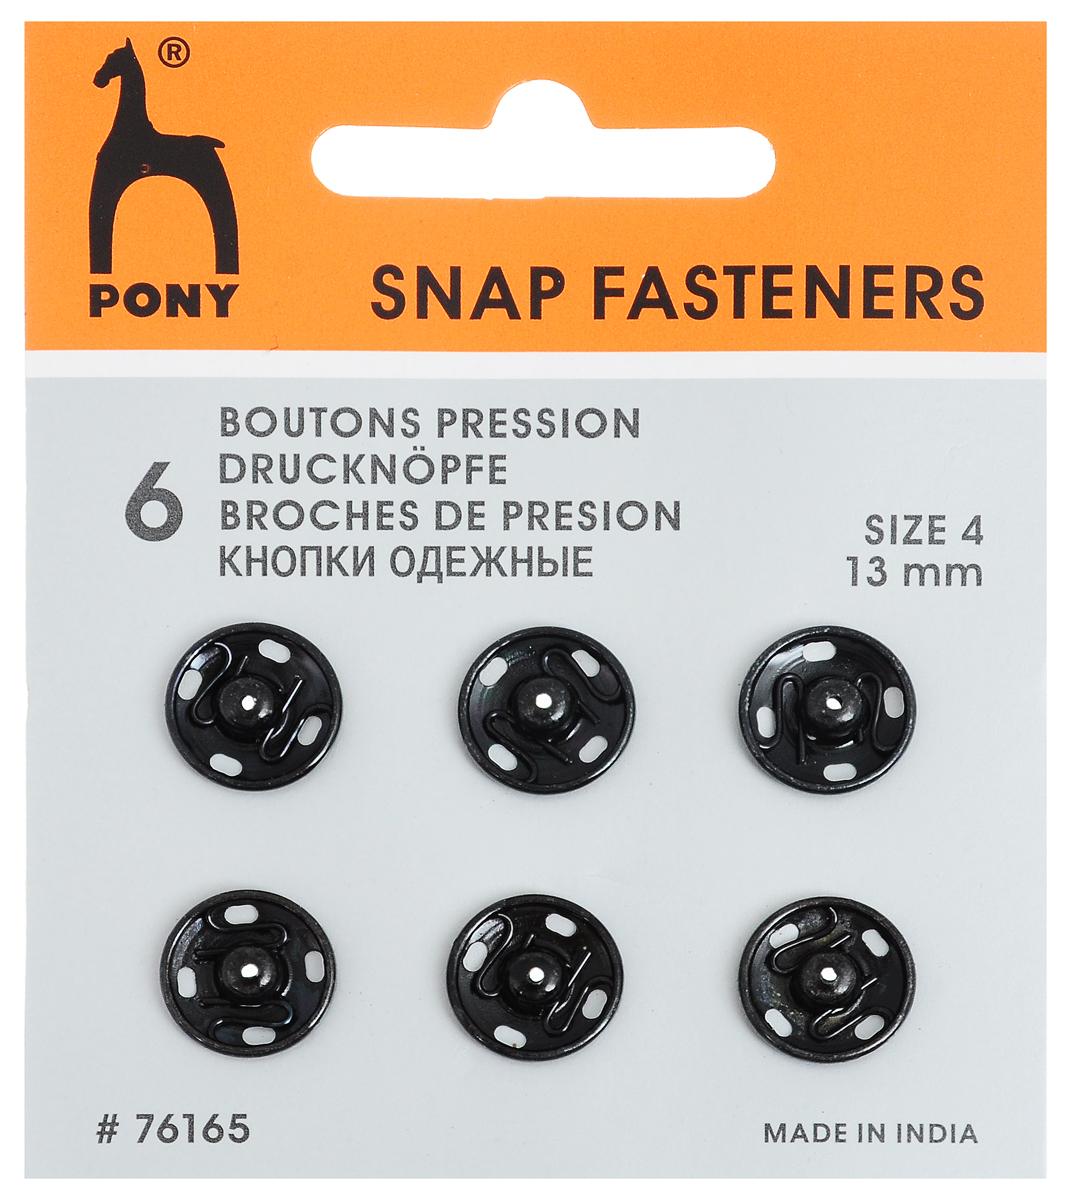 Кнопки одежные Pony, 13 мм, цвет: черный, 6 шт. 7616576165Кнопки одежные. Сталь. Диаметр 13 мм. Один размер. Черные. 6 шт. Картон.